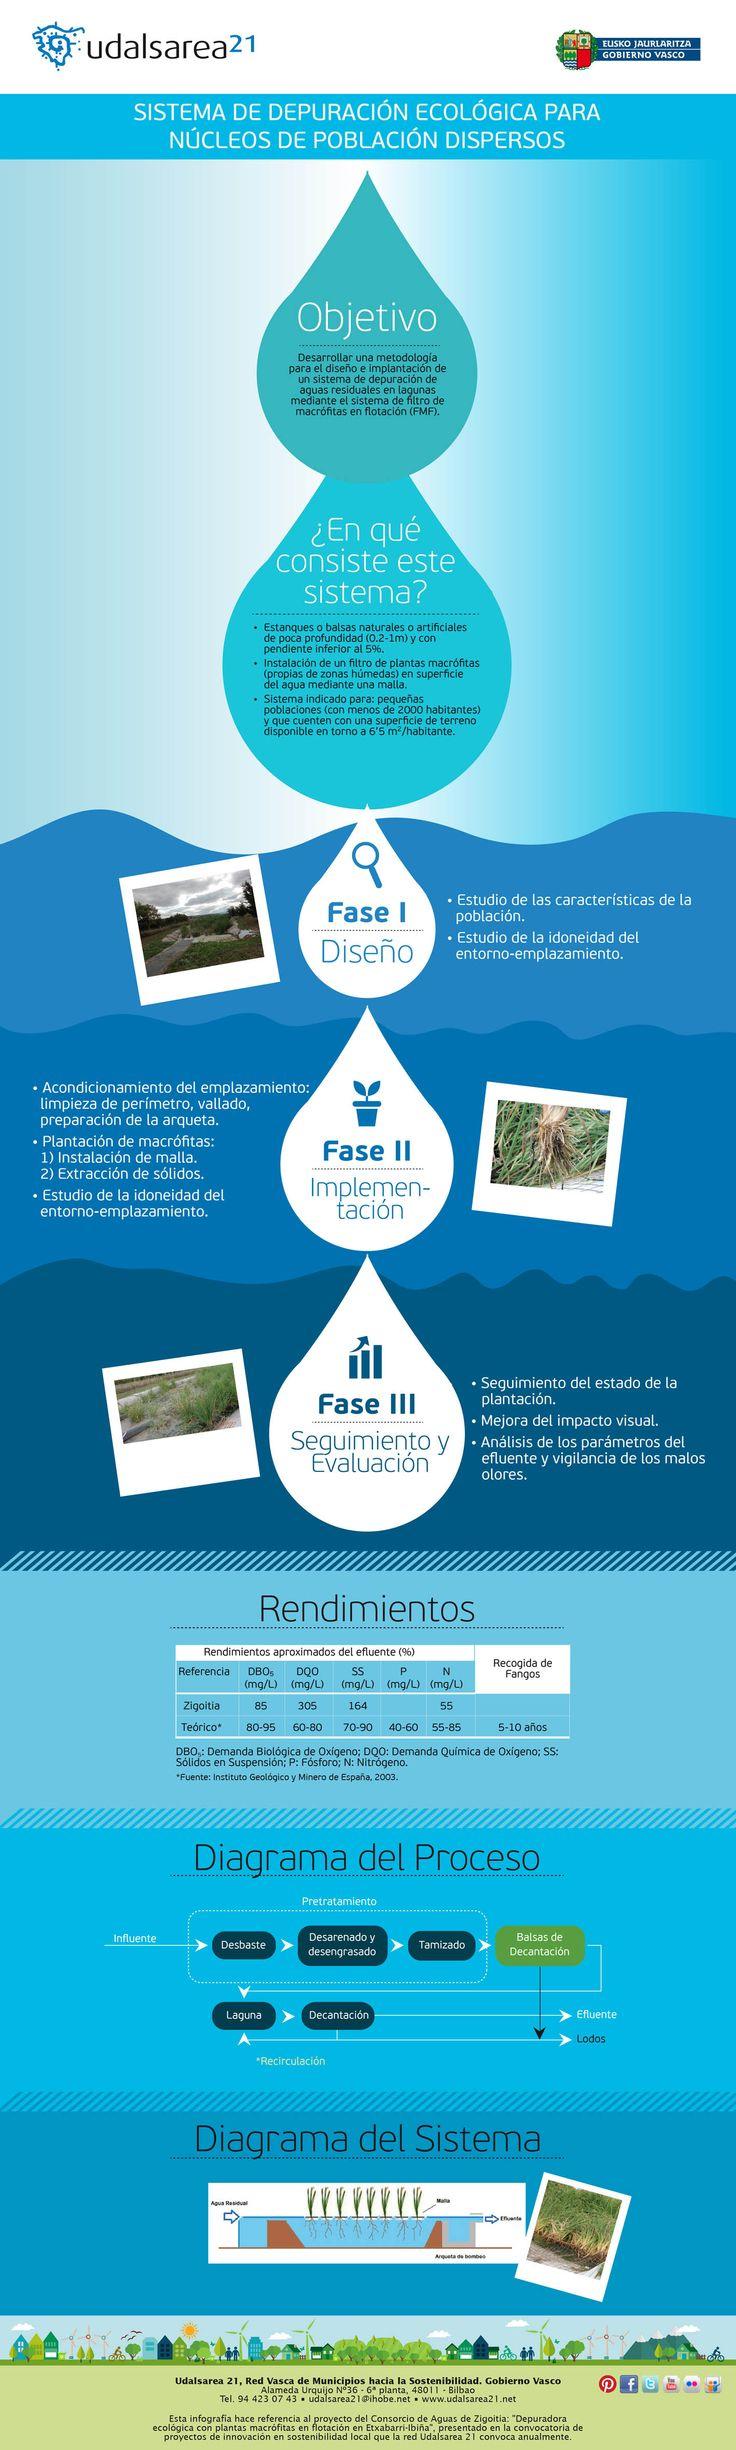 Cómo depurar de forma ecológica el agua en núcleos de población dispersos